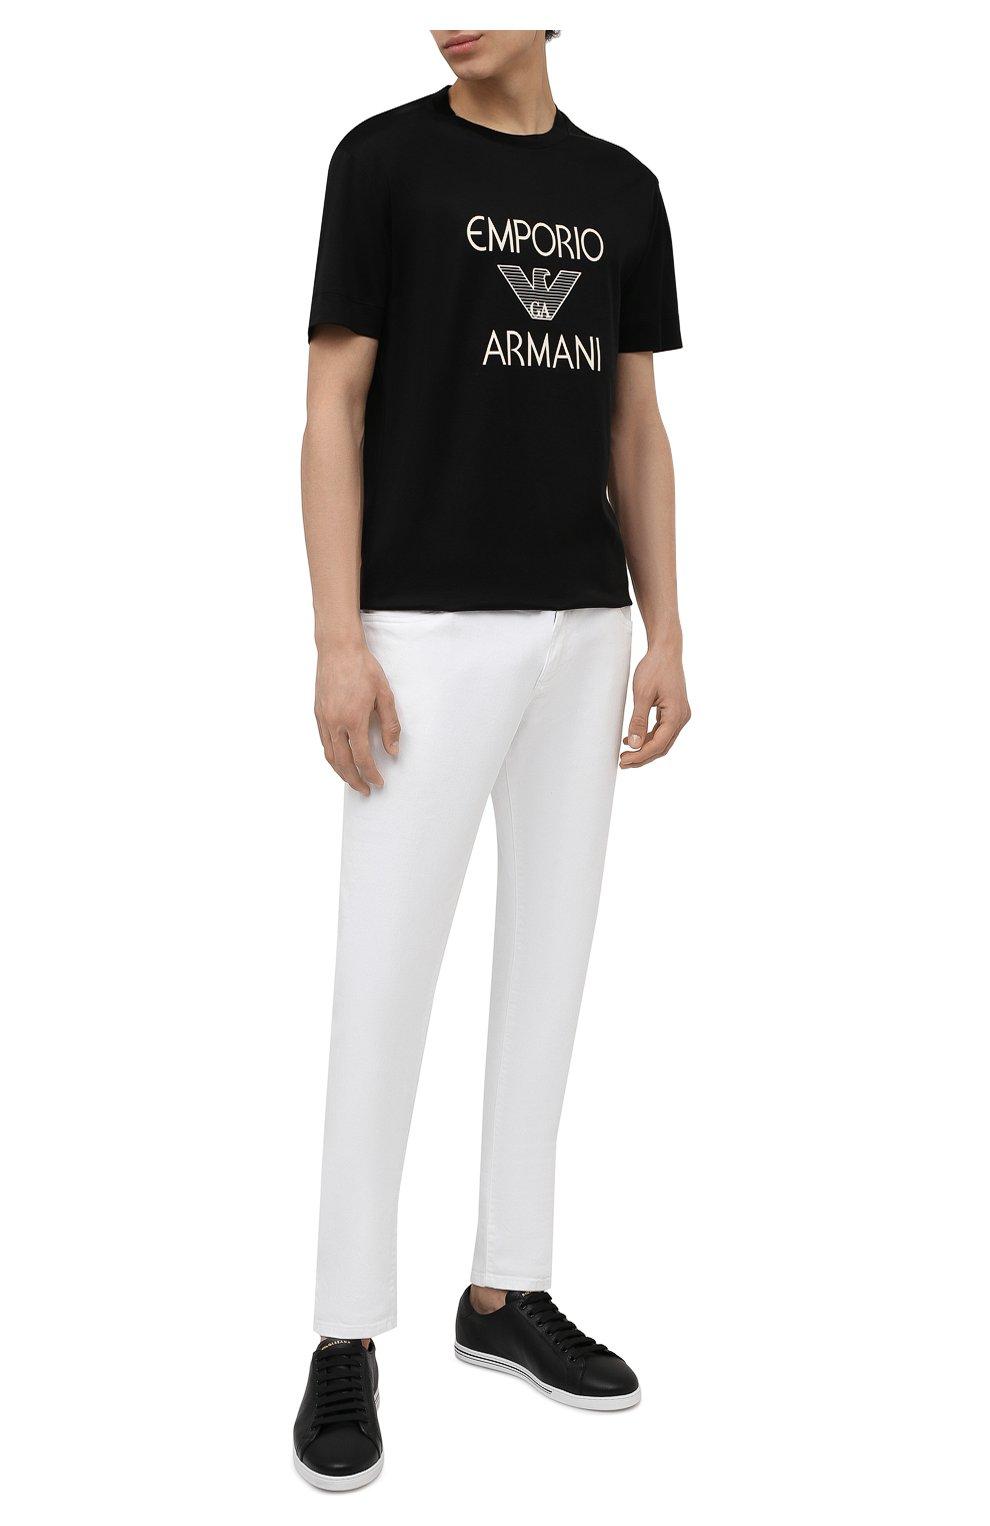 Мужская футболка EMPORIO ARMANI черного цвета, арт. 3K1TAF/1JUVZ   Фото 2 (Рукава: Короткие; Длина (для топов): Стандартные; Принт: С принтом; Материал внешний: Хлопок, Лиоцелл; Стили: Кэжуэл)